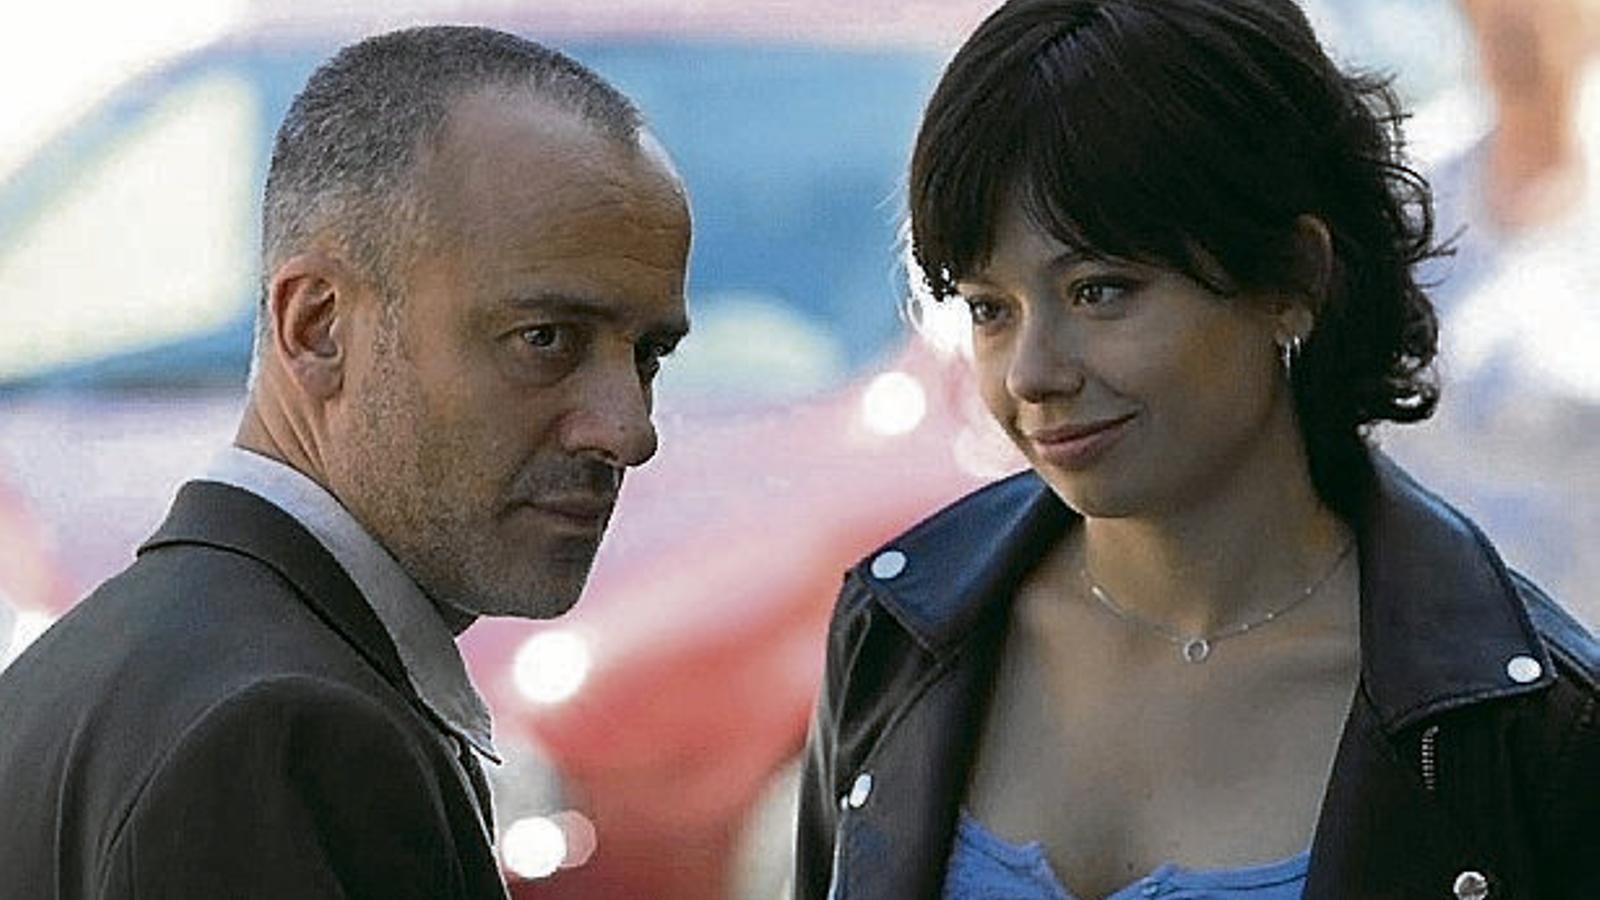 TVE roda 'Estoy vivo', una sèrie policíaca amb tocs sobrenaturals